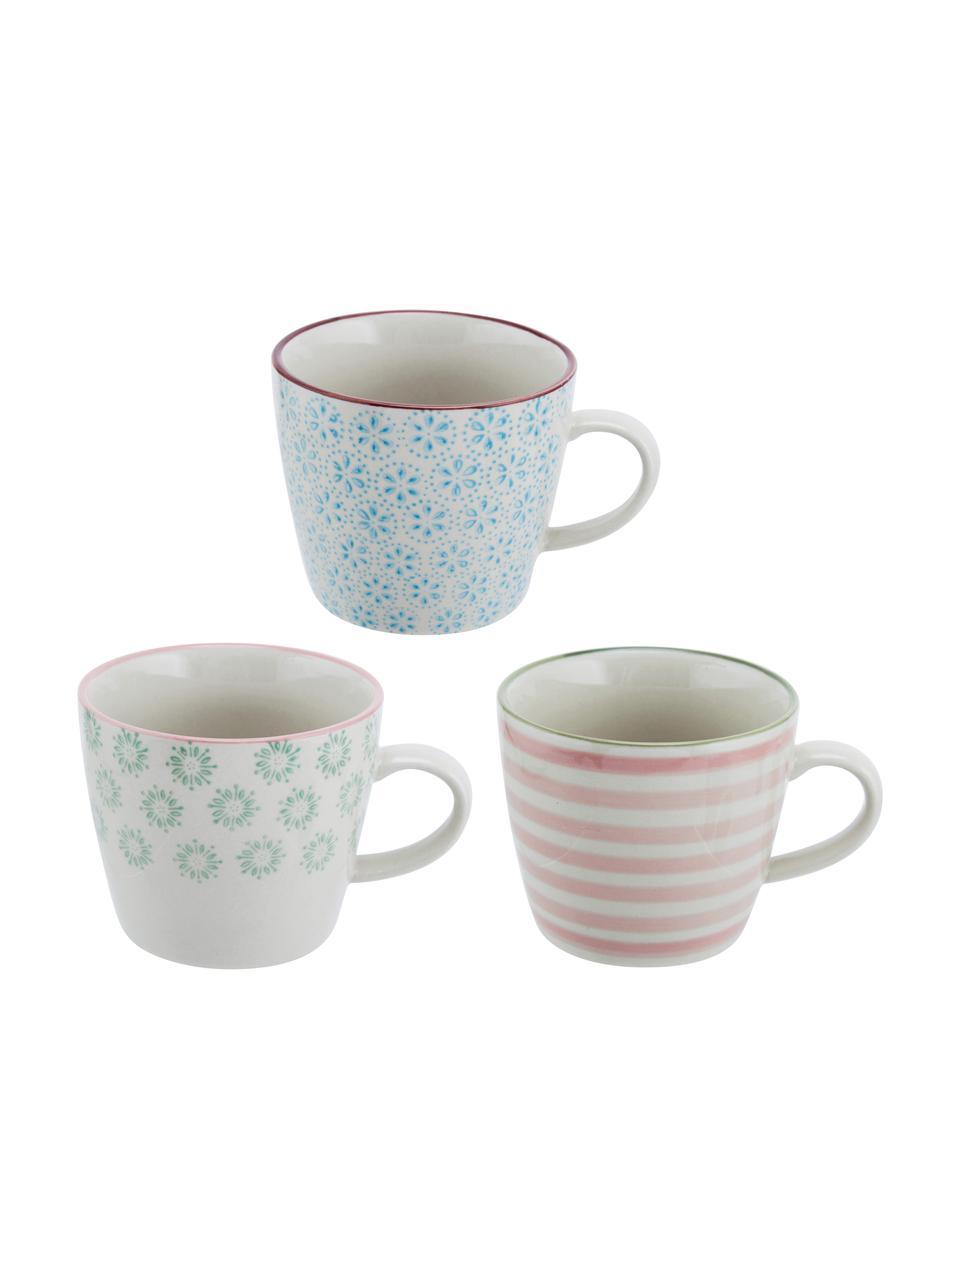 Handbemalte Tassen Patrizia mit verspieltem Muster, 3er-Set, Steingut, Weiß, Grün, Blau, Rot, Ø 10 x H 8 cm